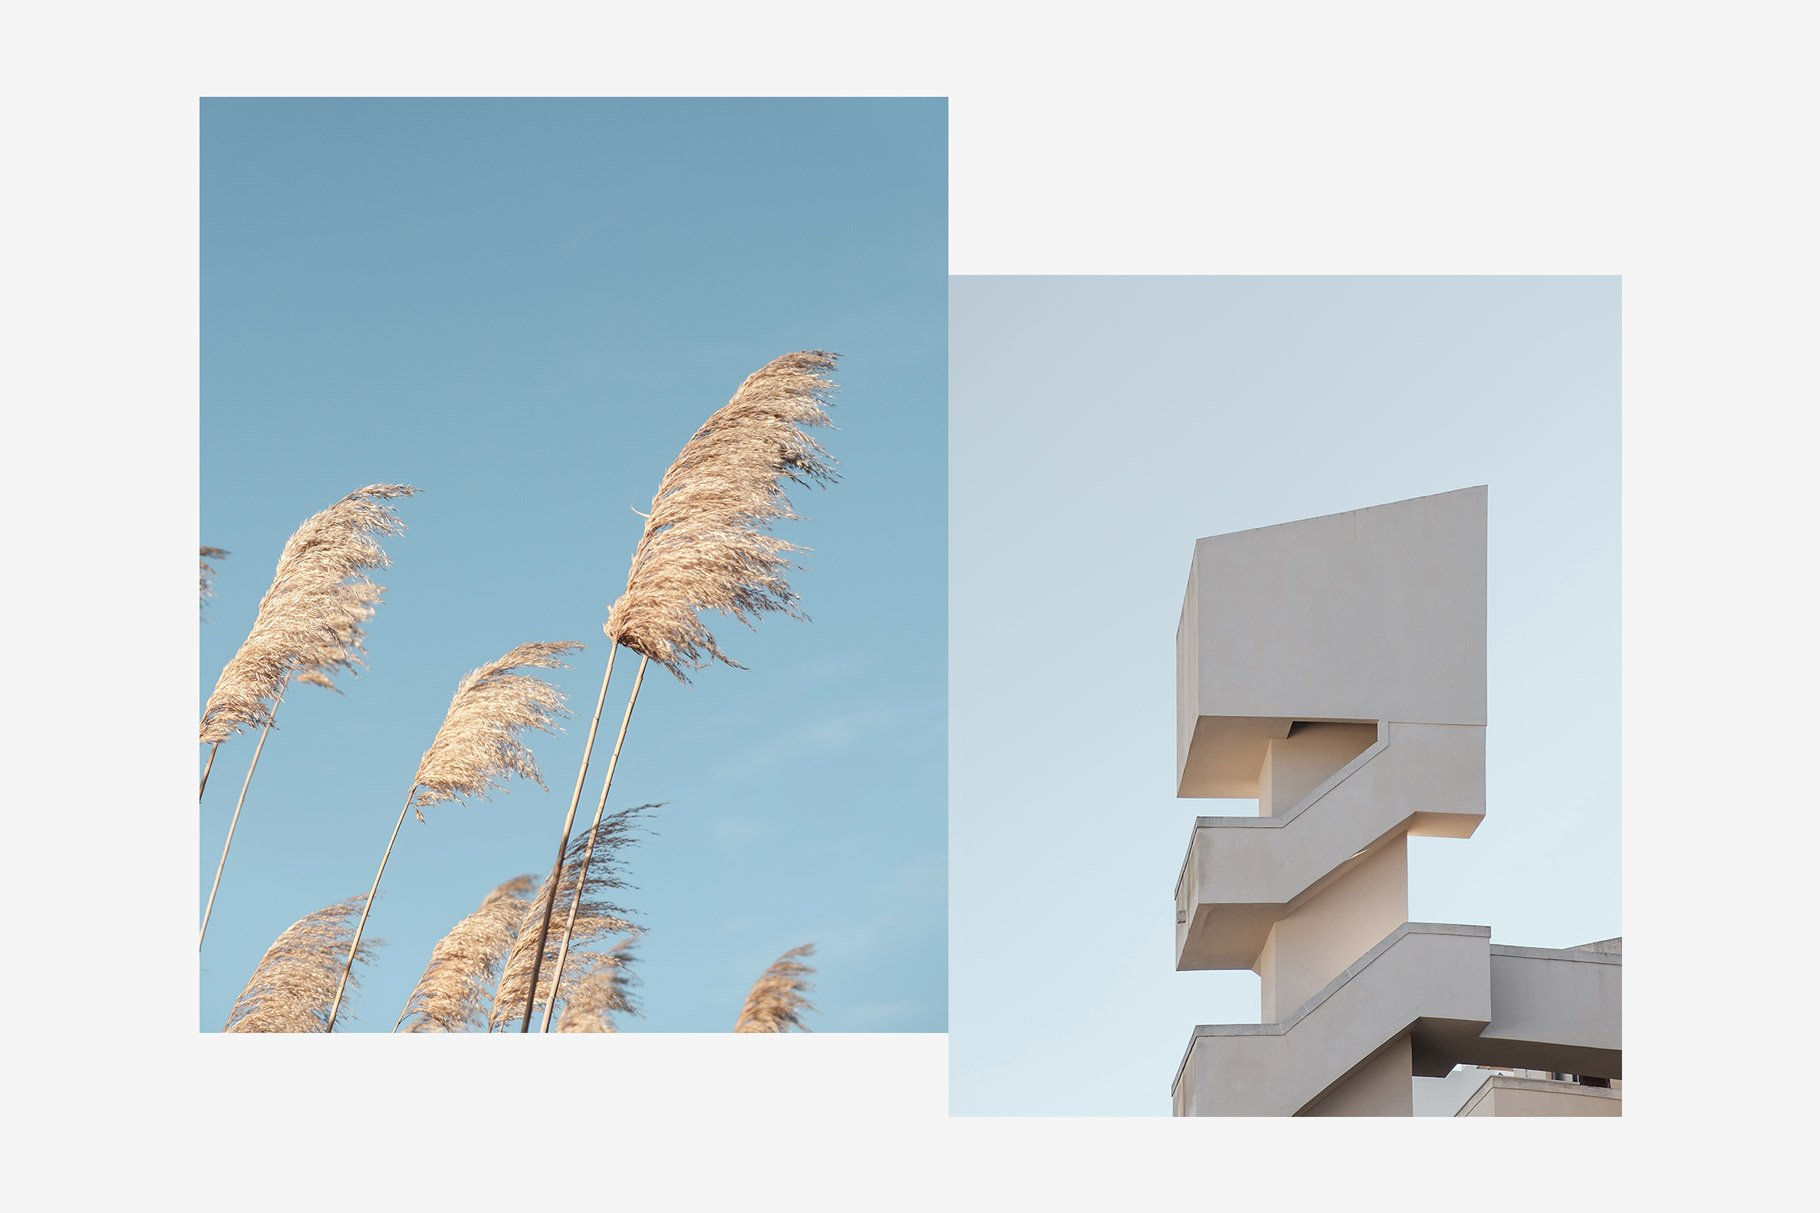 10款高清城市建筑风景摄影图片素材 Minimalistic Photos Pack Vol.1插图(1)